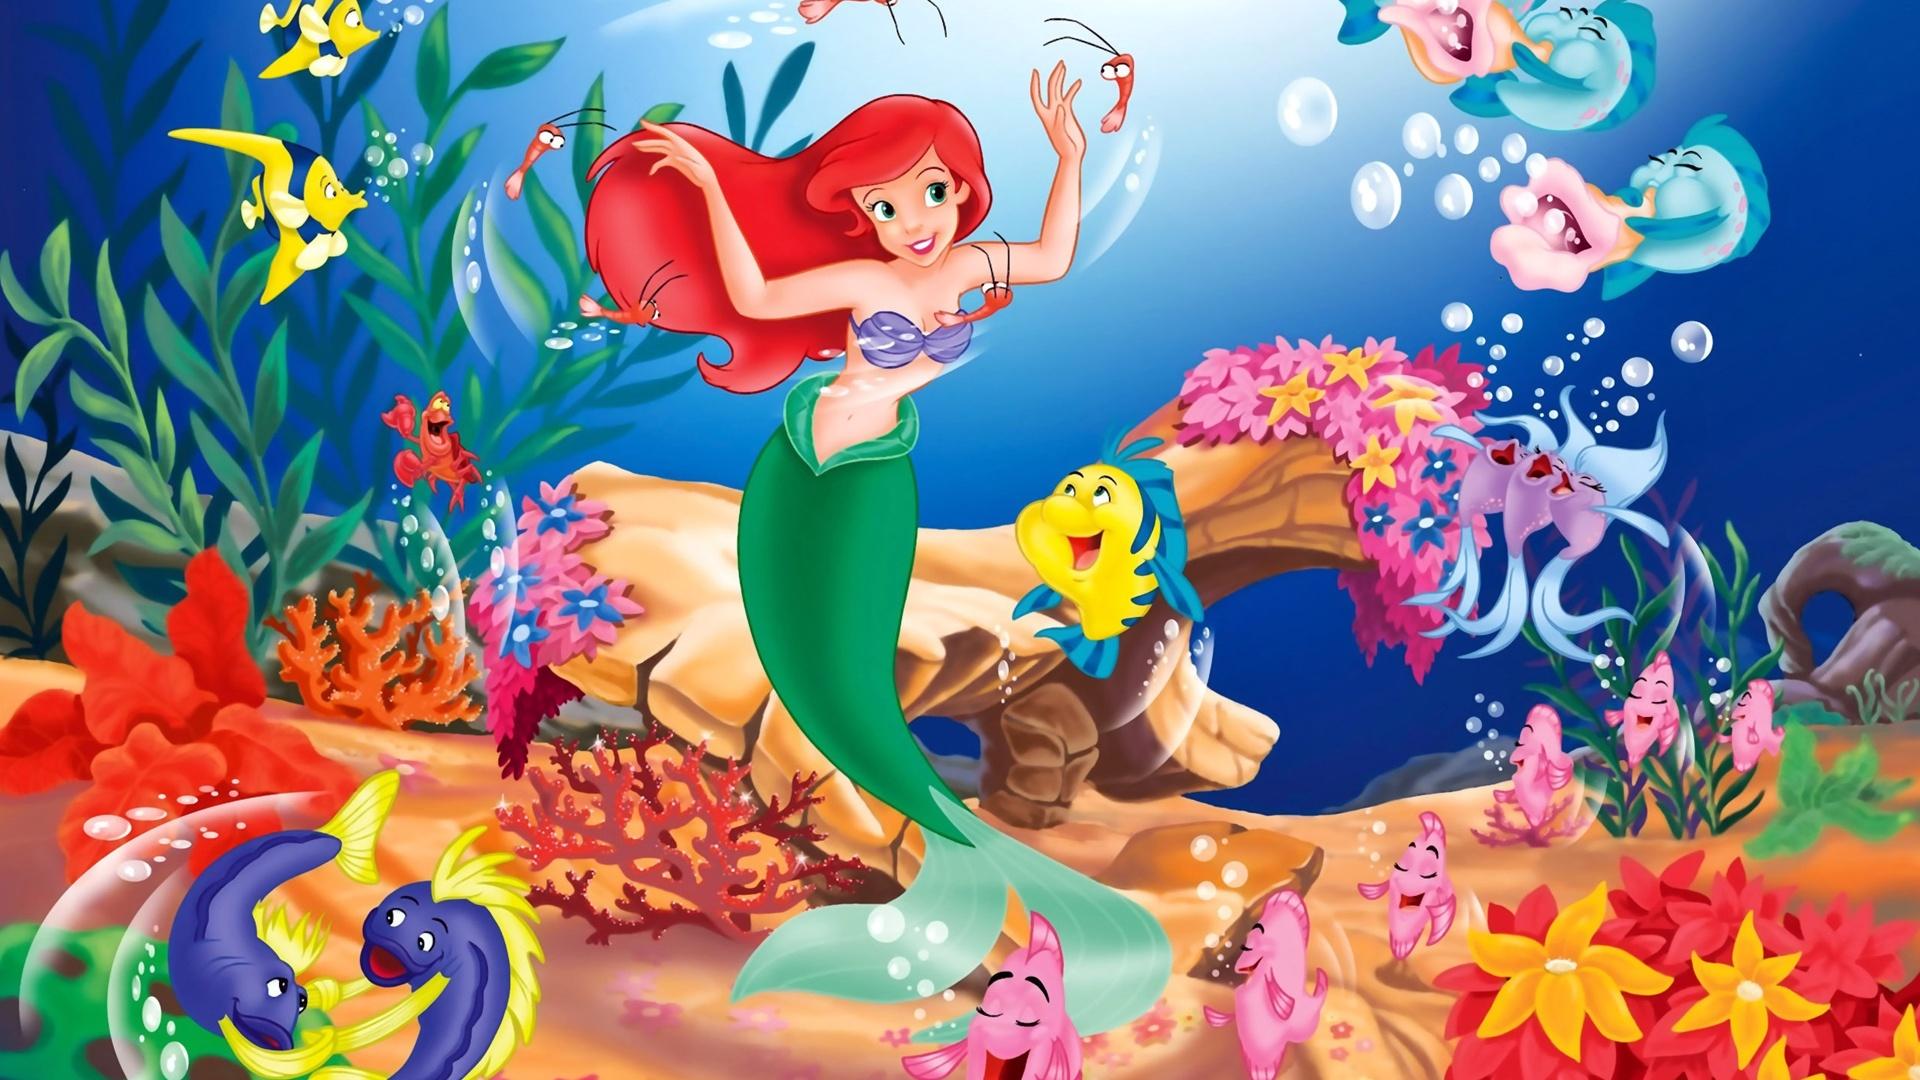 Disney The Little Mermaid Wallpapers HD 19202151080 HD 1920x1080